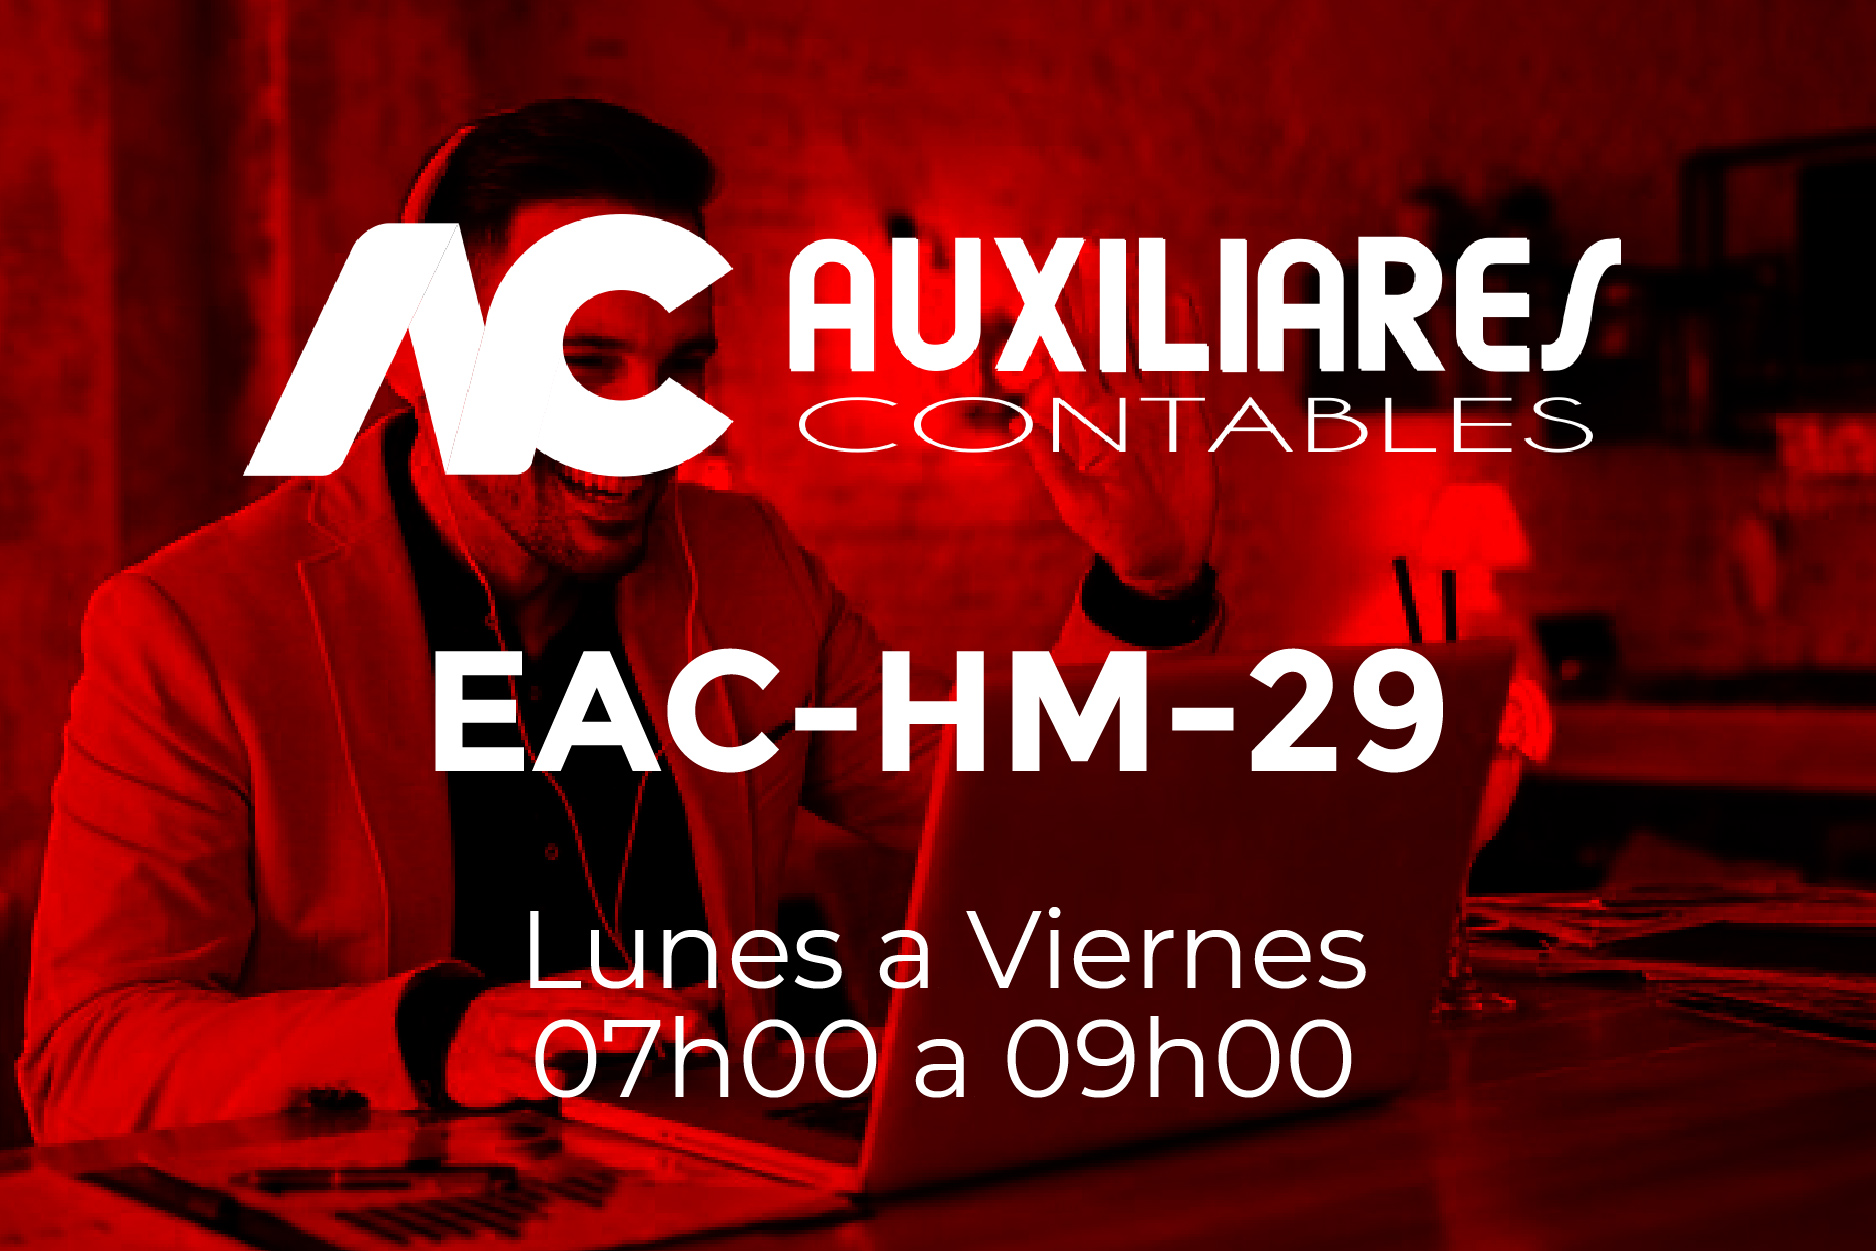 29 - AUXILIARES CONTABLES - LUNES A VIERNES - 07:00 A 09:00